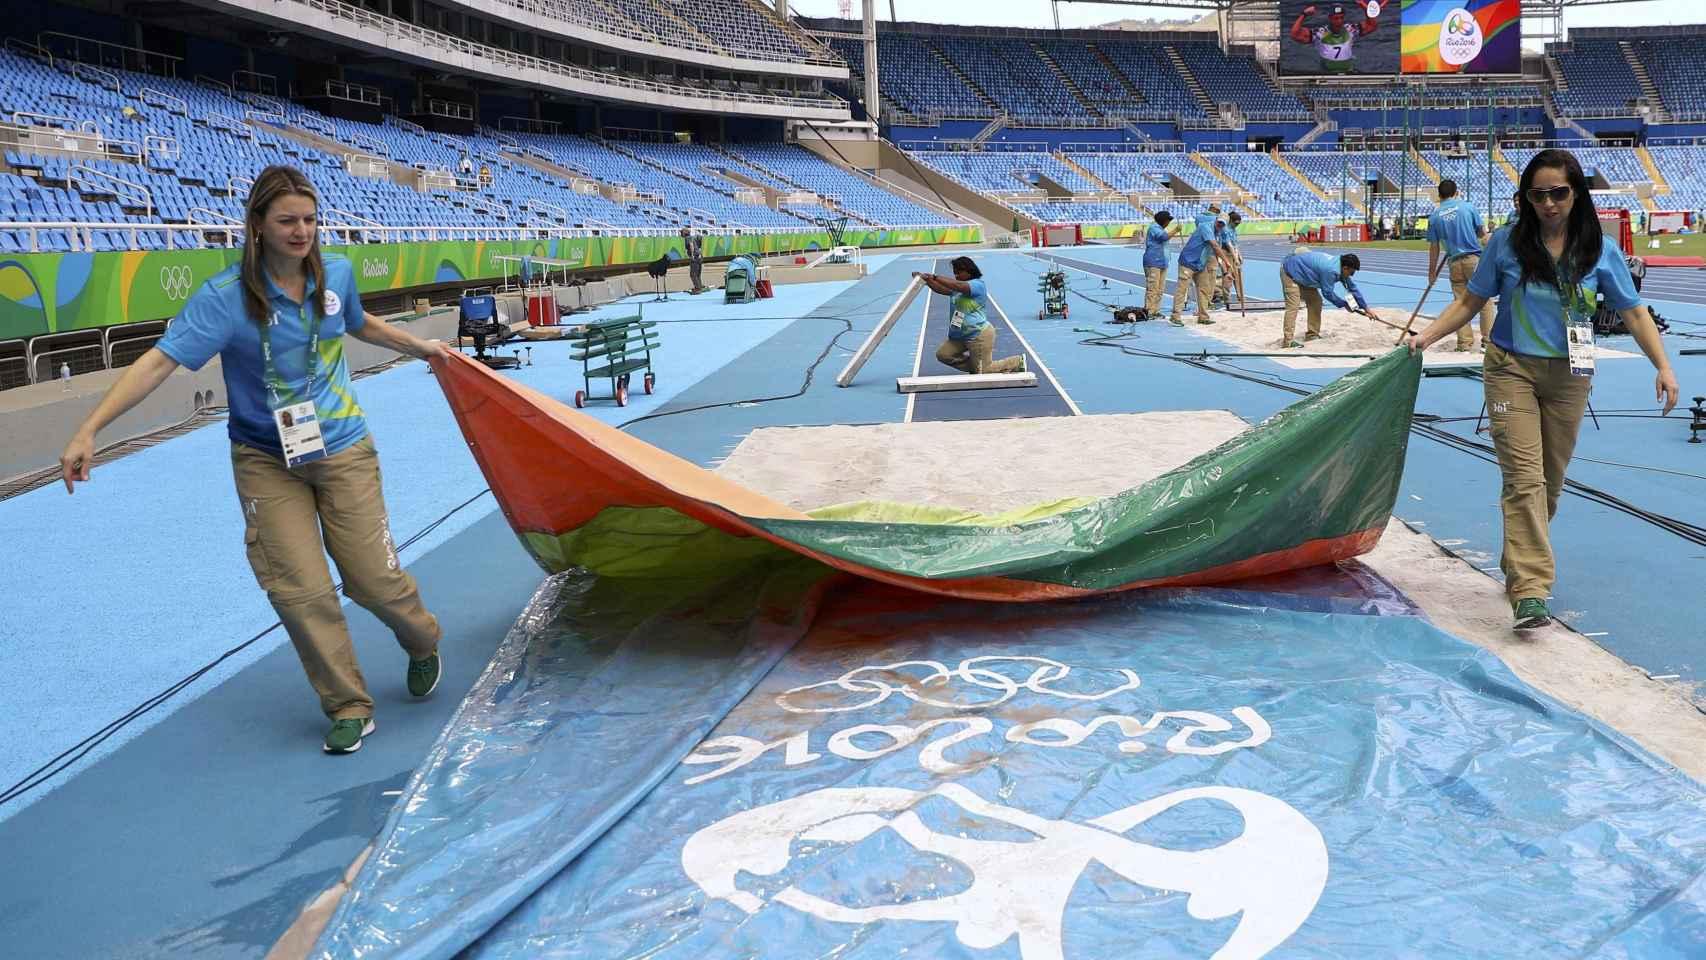 Unos voluntarios realizan los últimos preparativos en la pista de atletismo de Enghenao.